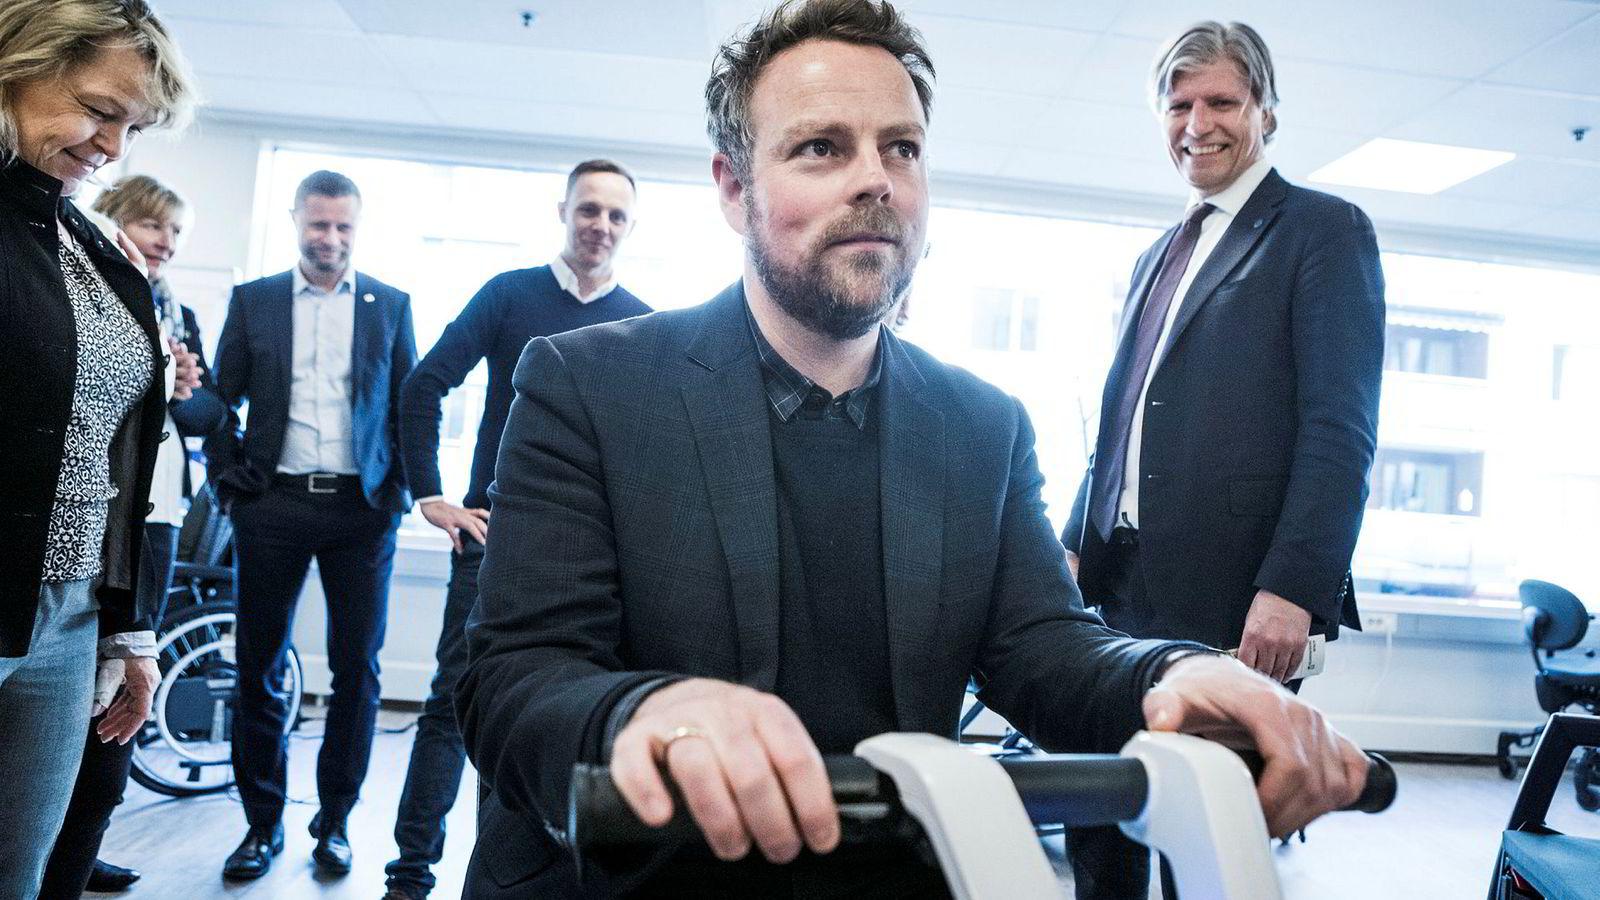 Næringsminister Torbjørn Røe Isaksen (H) prøver et elektrisk kjøretøy og bivånes av eldre- og folkehelseminister Åse Michaelsen (Frp) helseminister Bent Høie (H), daglig leder Jeppe Skjønberg fra Atri-X og miljøminister Ola Elvestuen (V).